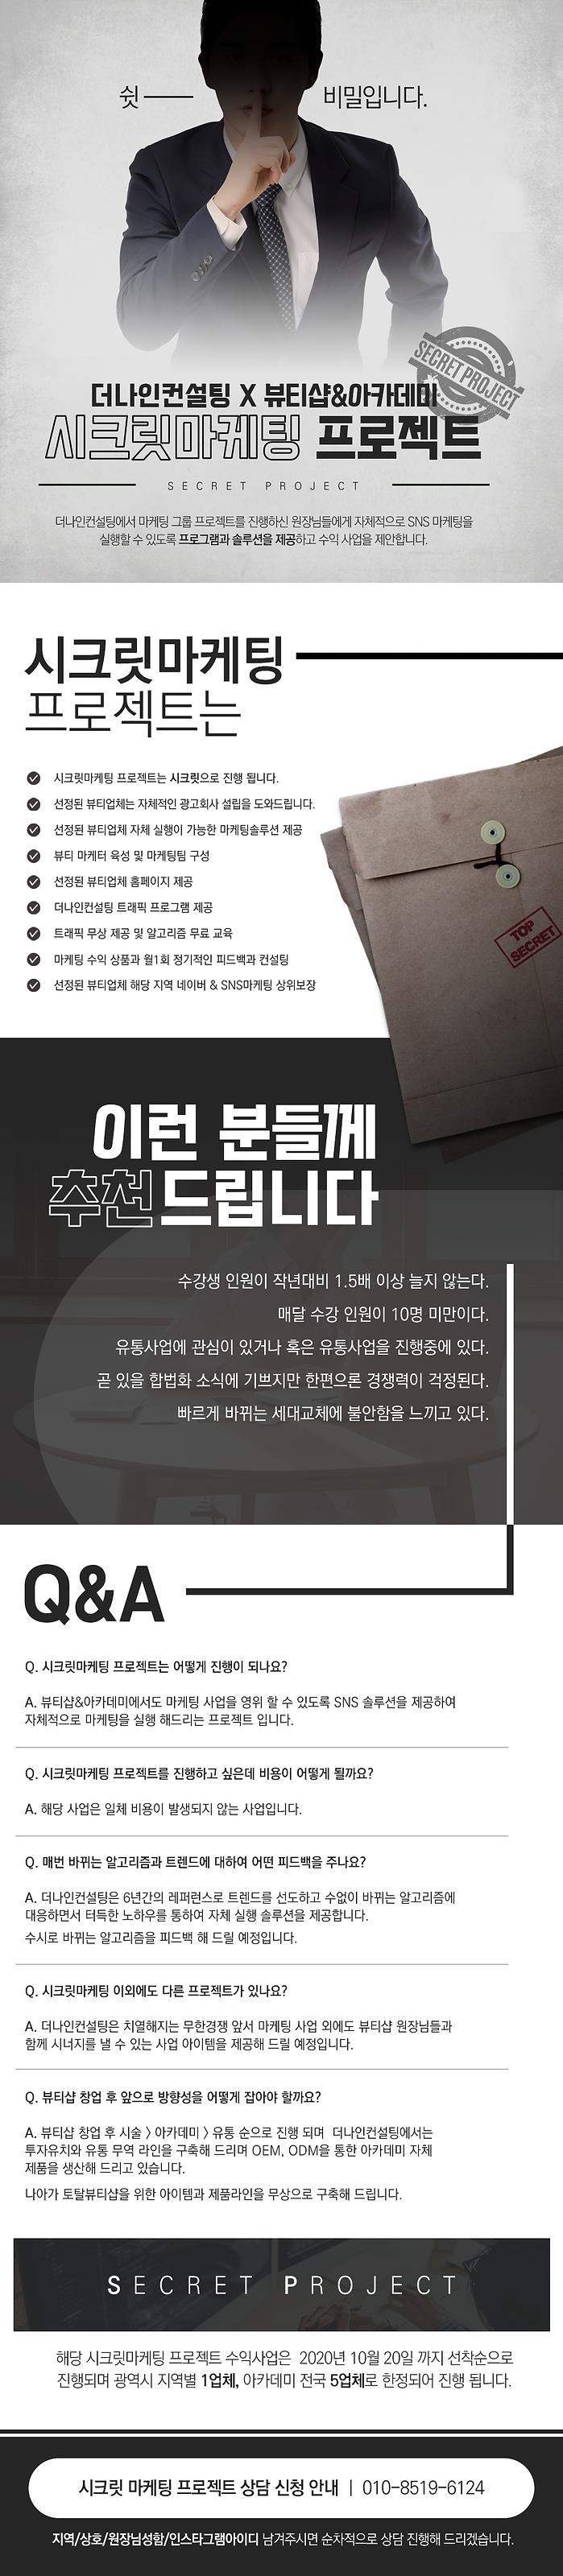 [대표님]시크릿프로젝트.png